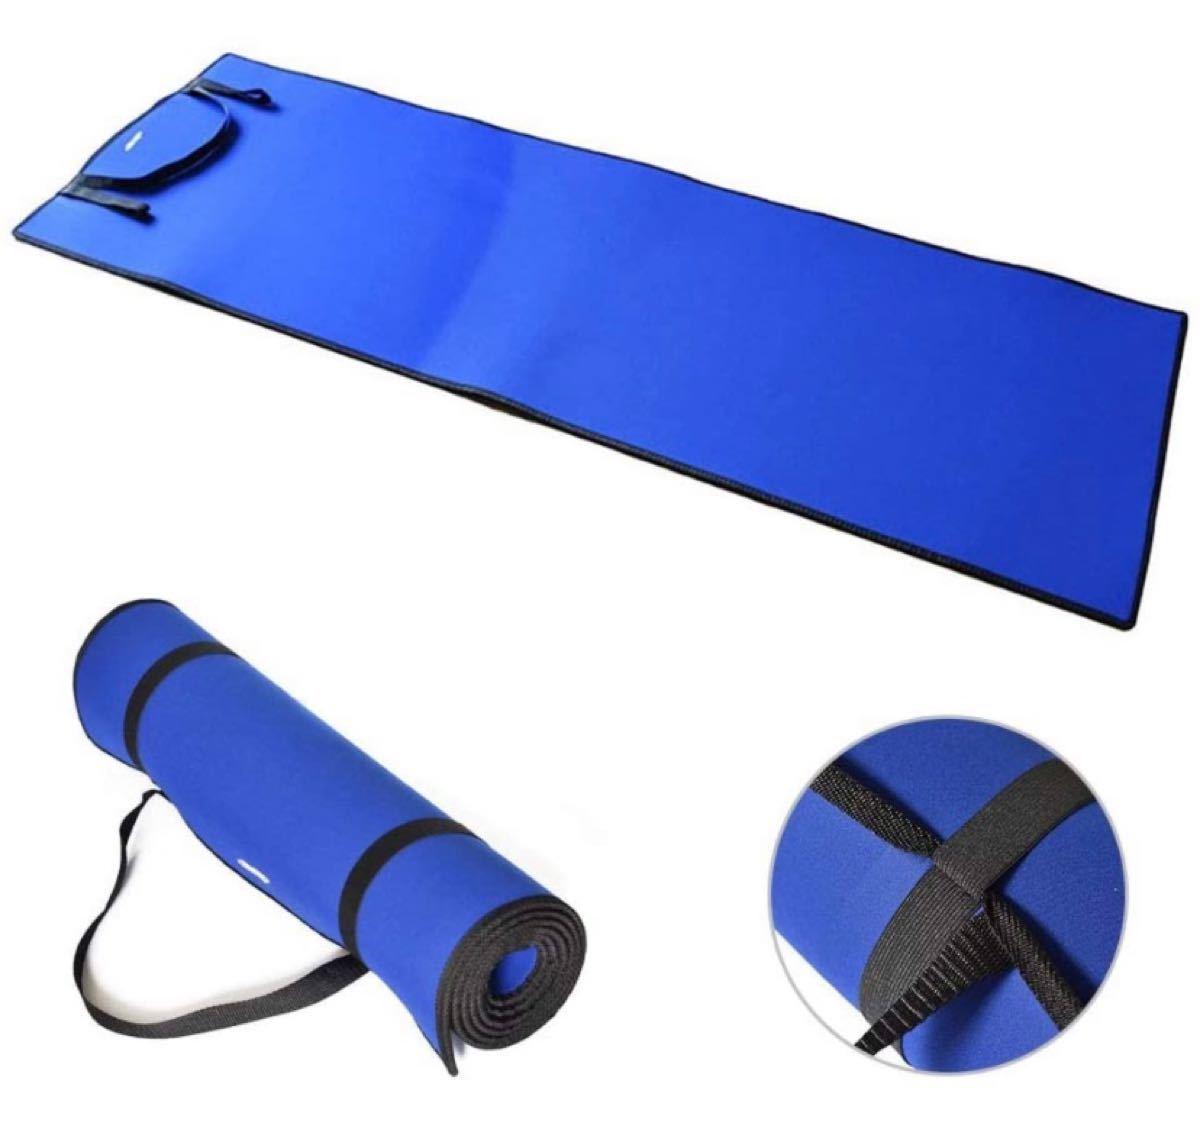 ヨガマット トレーニングマット エクササイズマット 厚み6mm 折り畳み